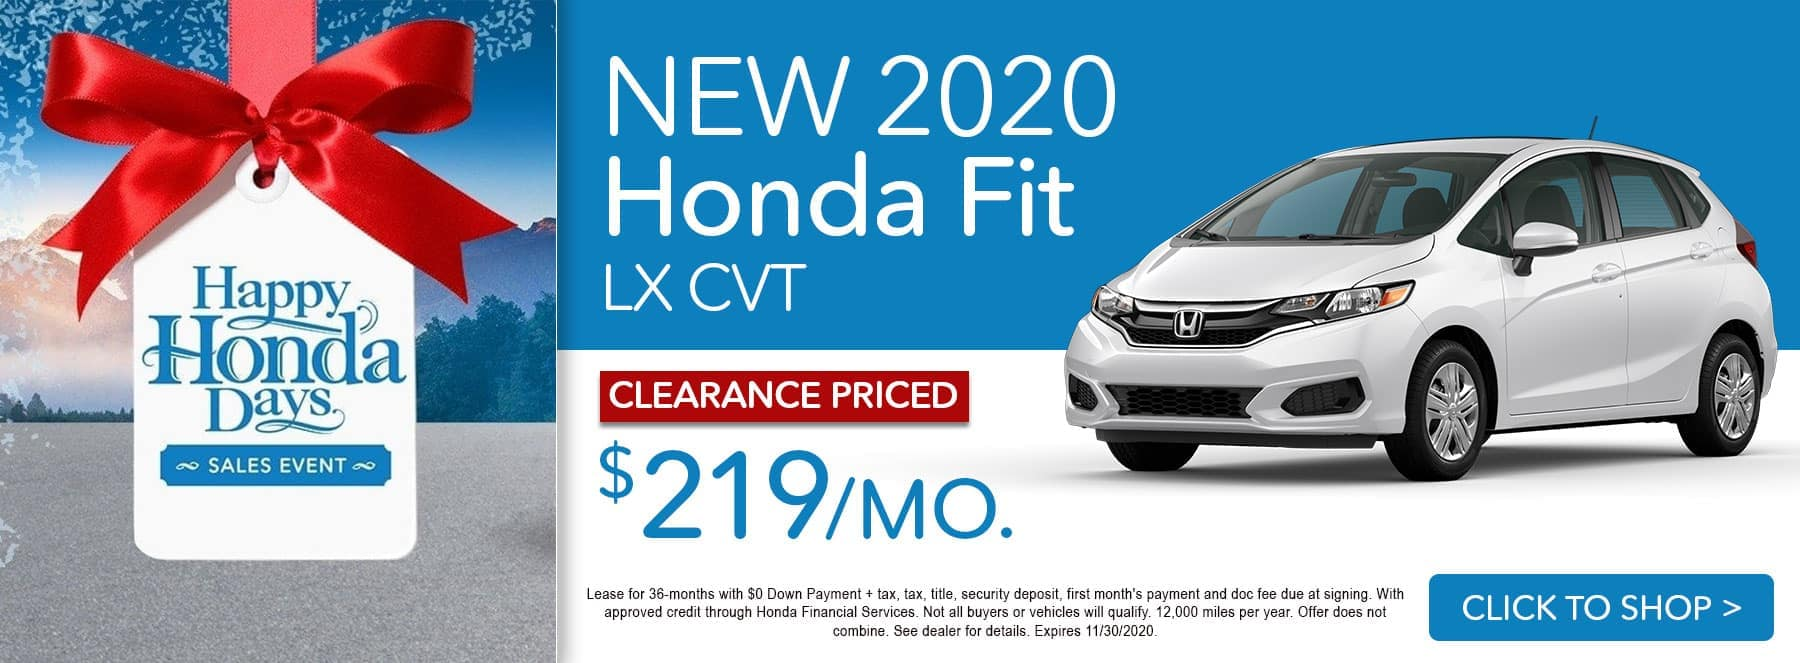 2020-Honda-Fit-BlackFriday-desktop